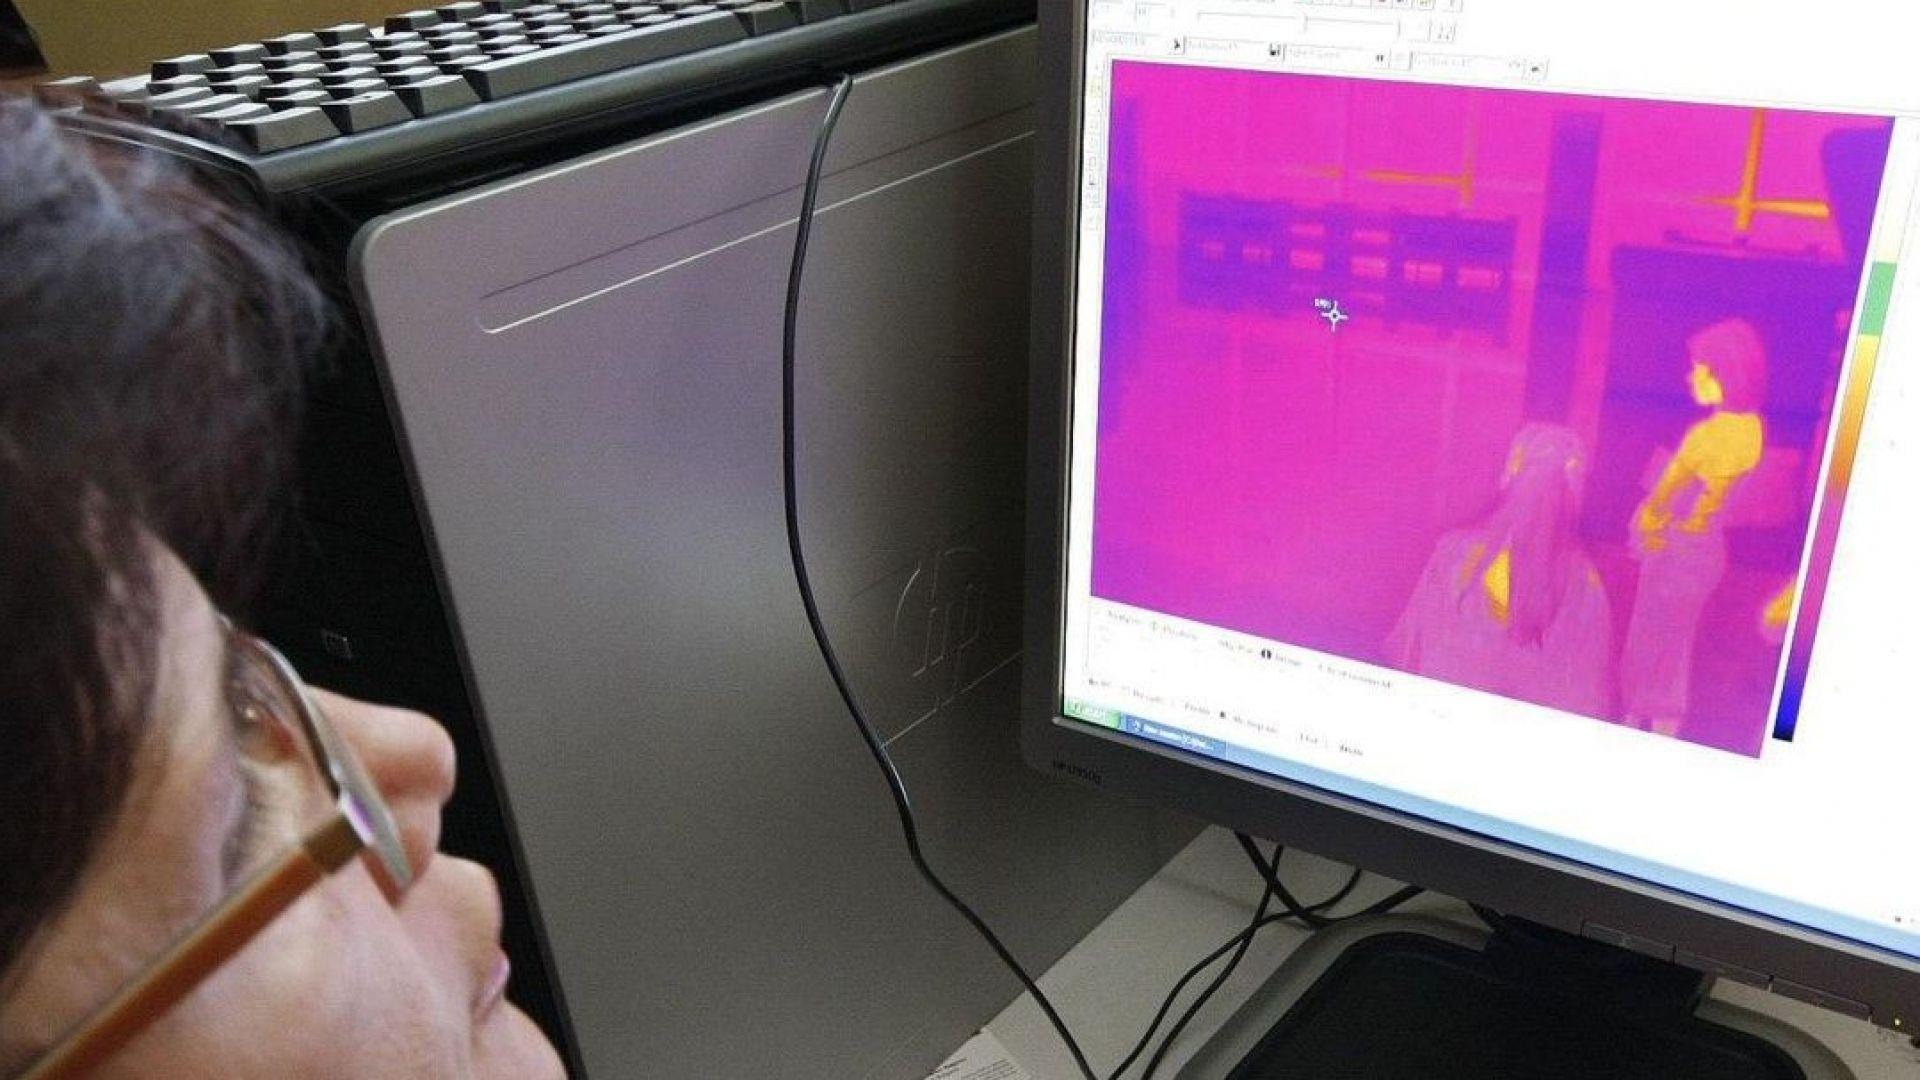 Държавните институции масово инвестират в термокамери, за да мерят телесната